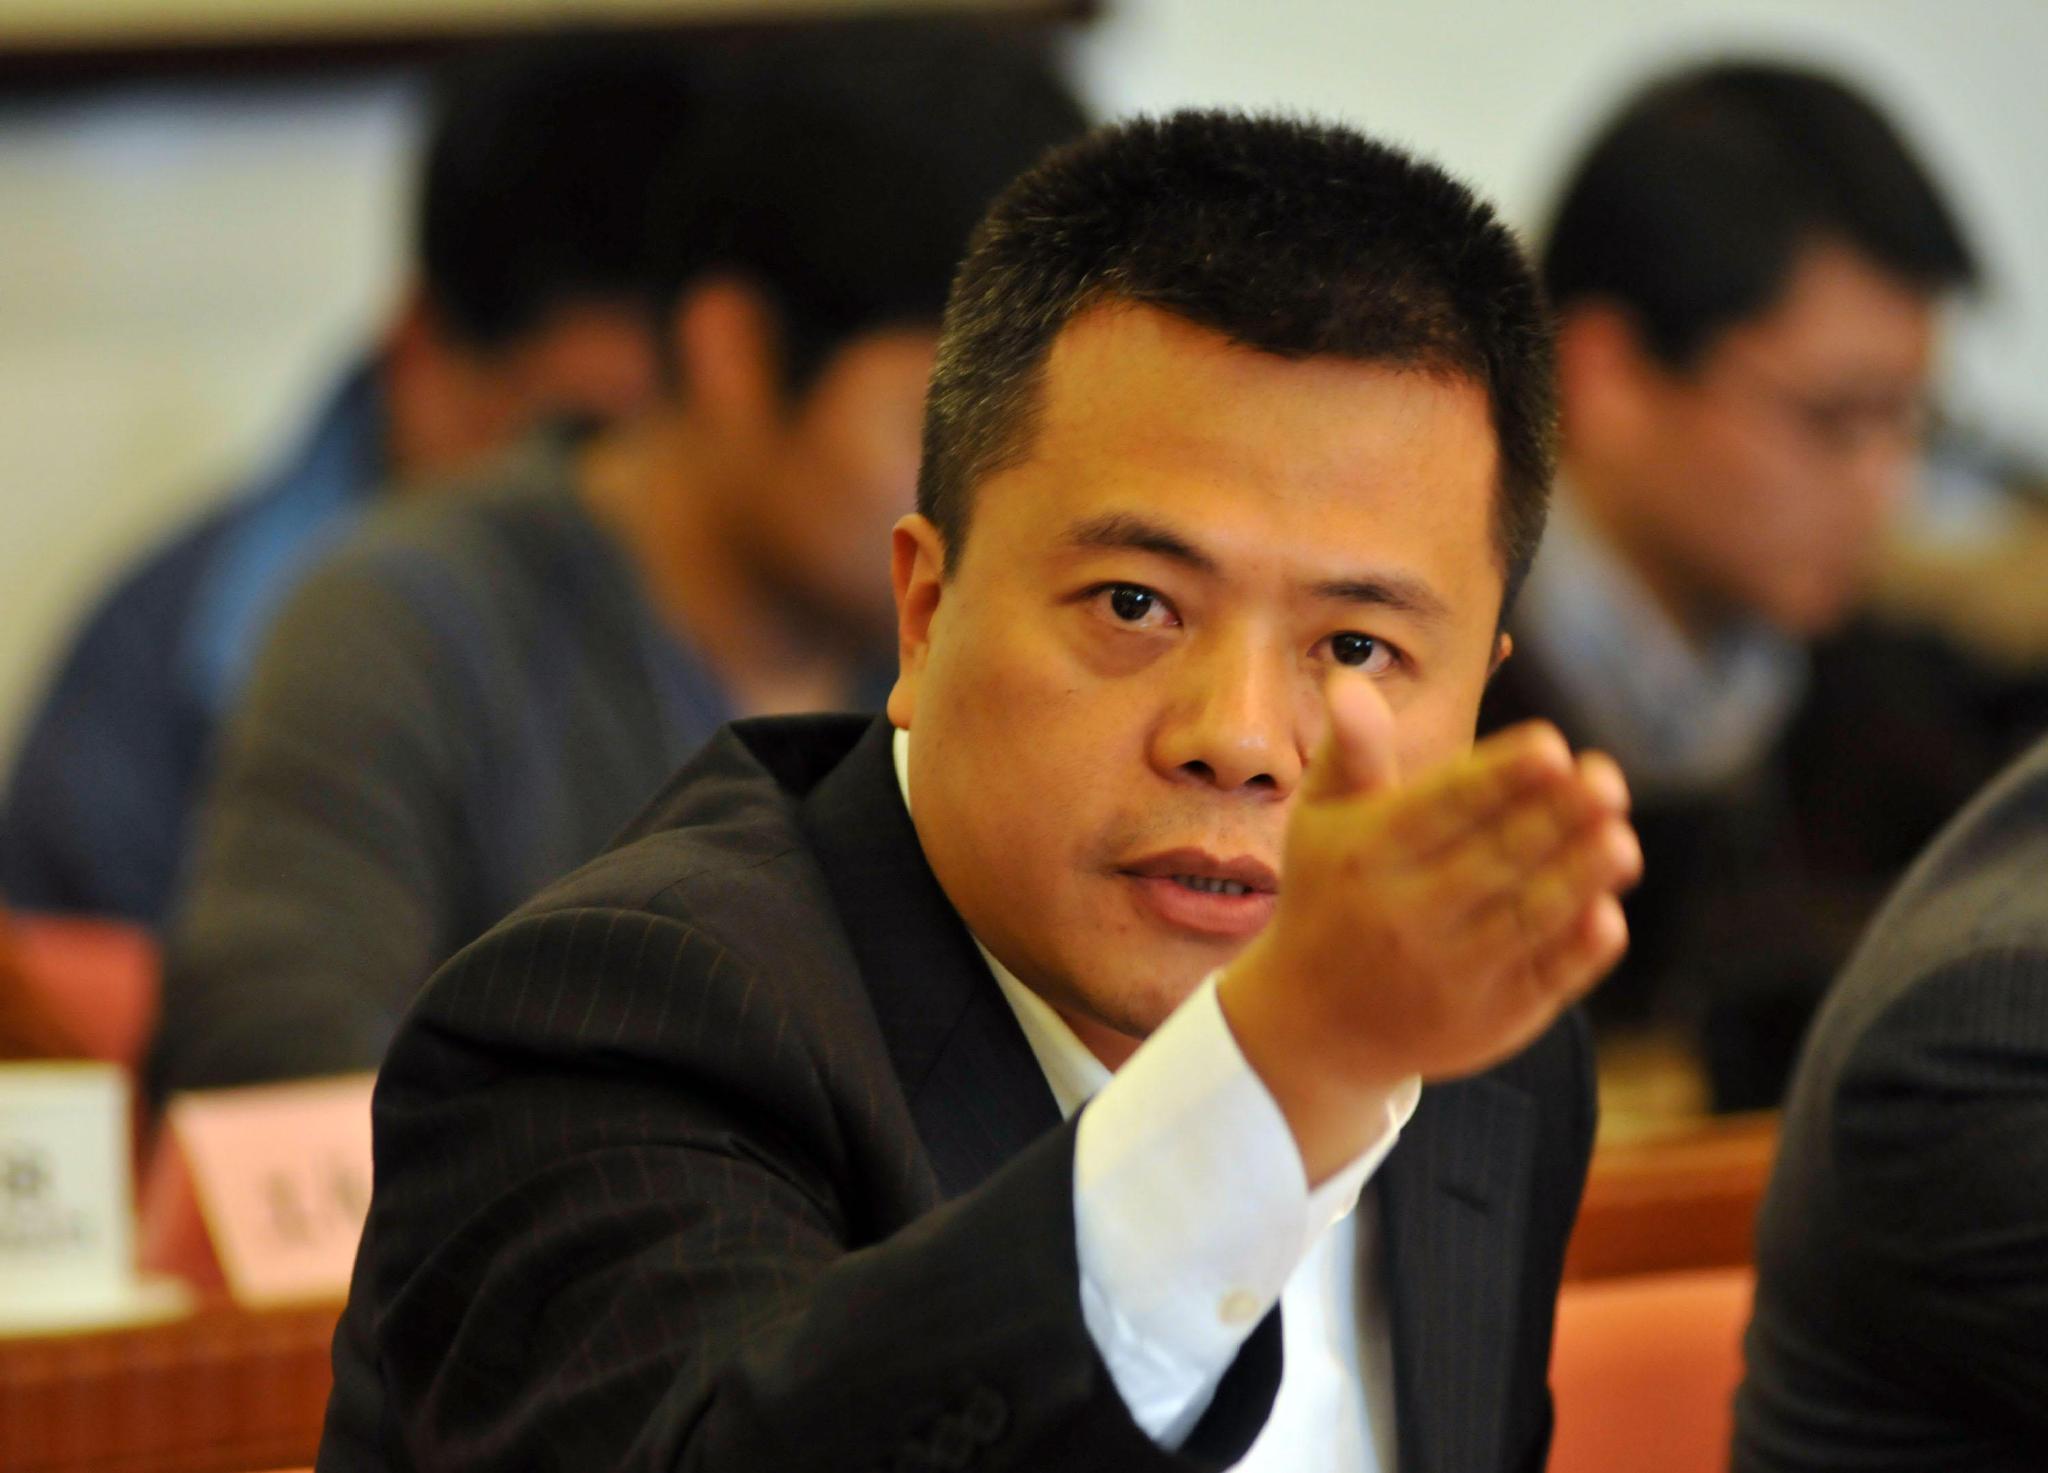 只因一款游戏,他31岁问鼎中国首富,如今退隐痴迷脑研究